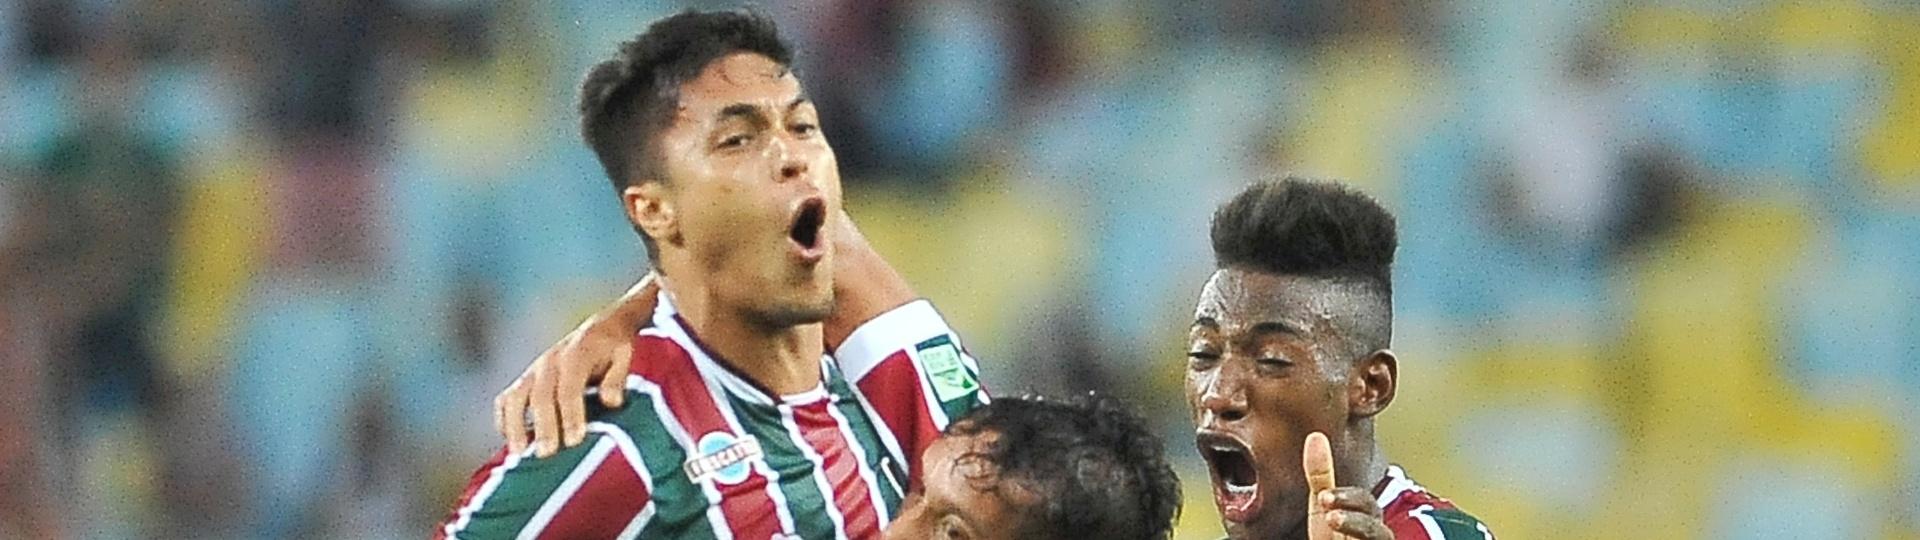 Reginaldo comemora gol do Fluminense contra o Atlético-PR